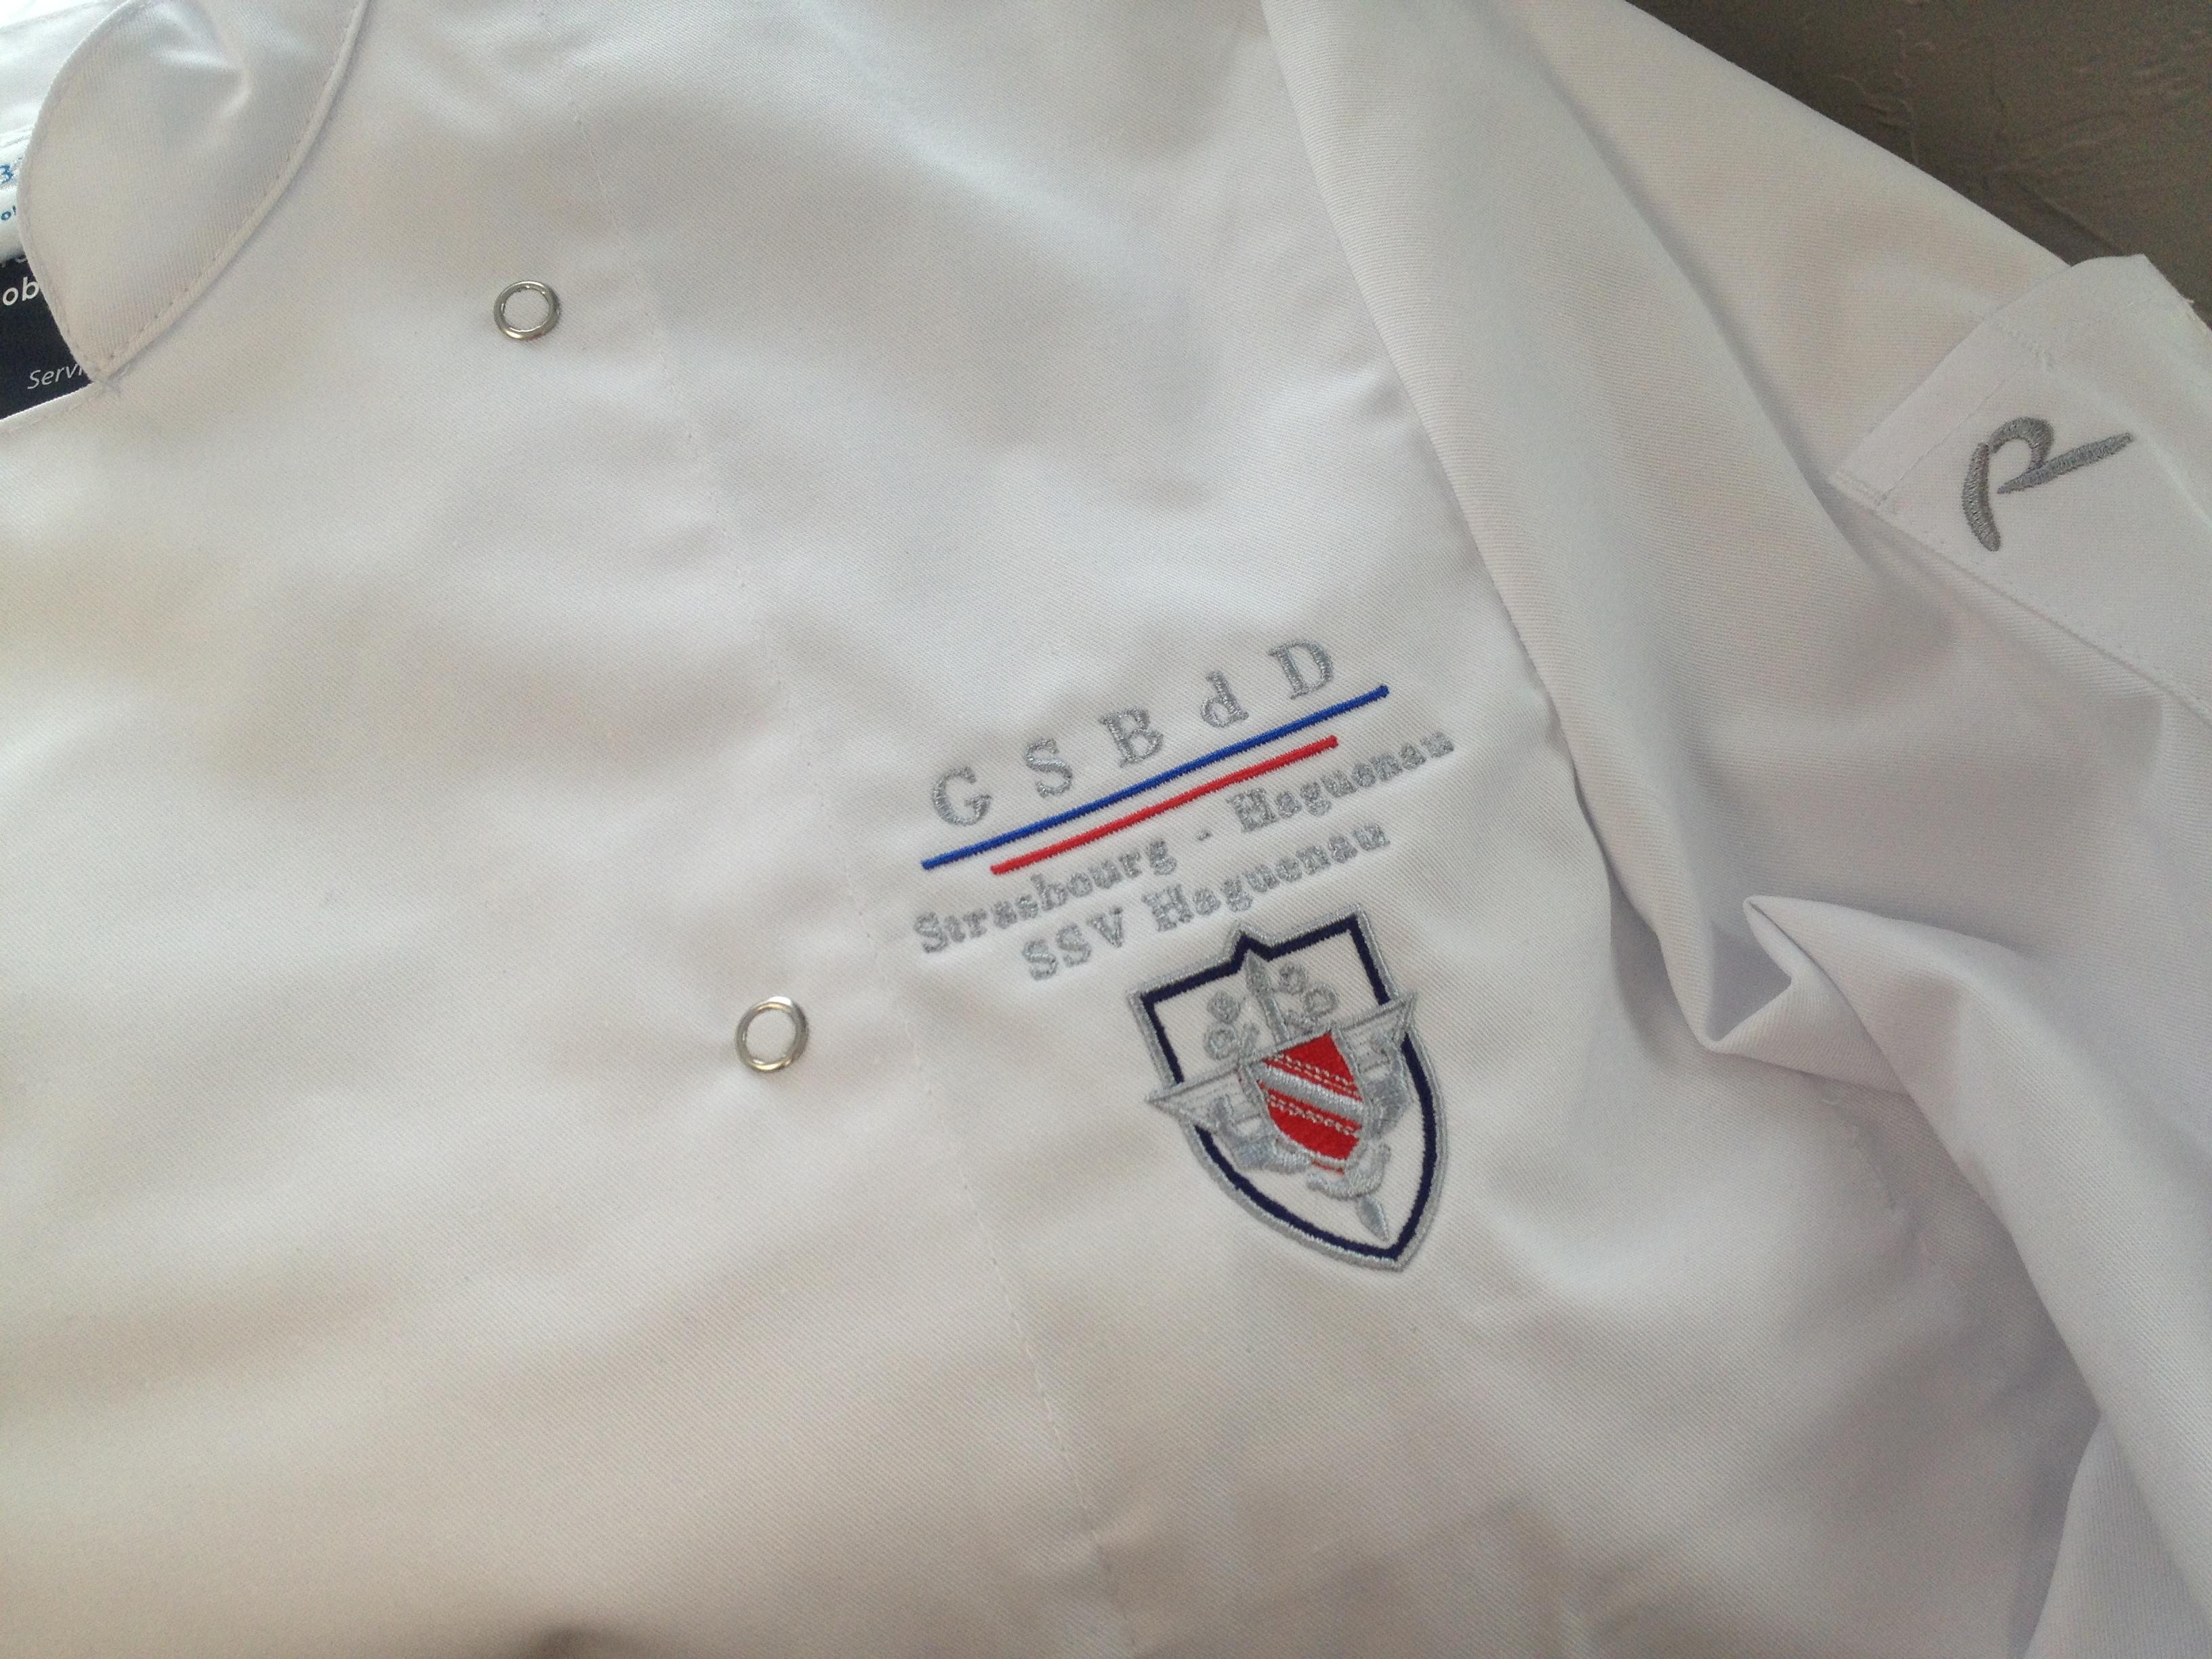 Vestes De Cuisine Brodée JL Broderie Sublimation à Haguenau - Broderie veste de cuisine